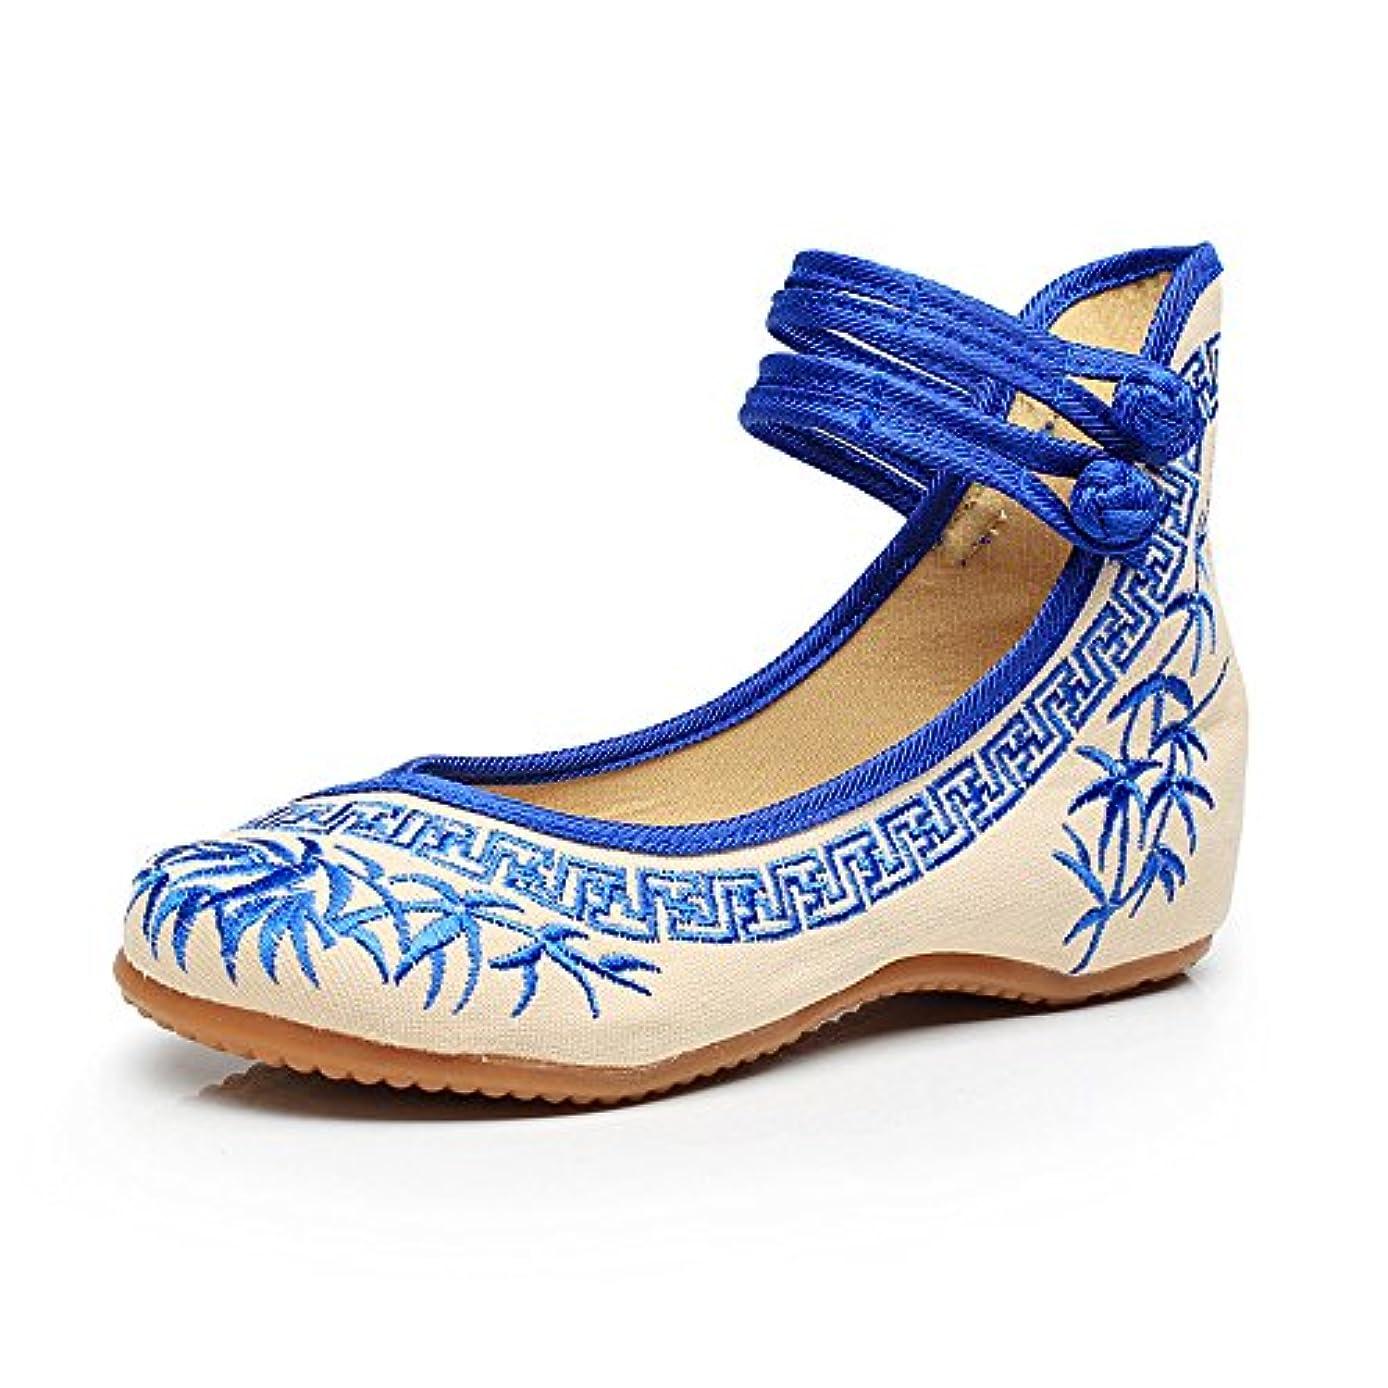 に対応するラフ睡眠ギャングスター[Fanwer] 竹刺繍女性の靴中国のカジュアルなフラットソールメアリーJanes靴